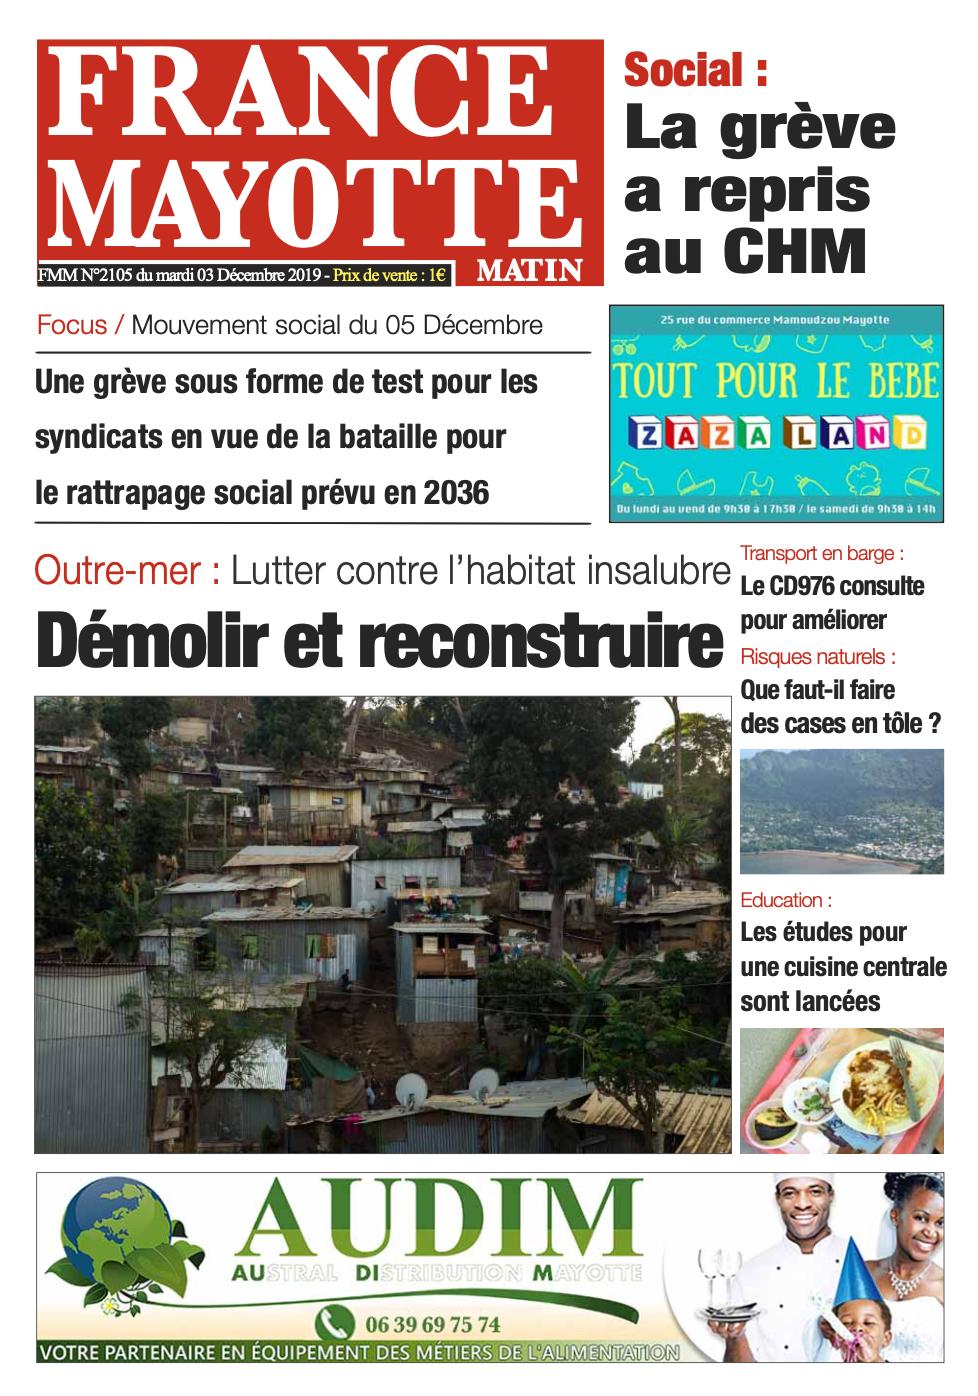 France Mayotte Mardi 3 décembre 2019